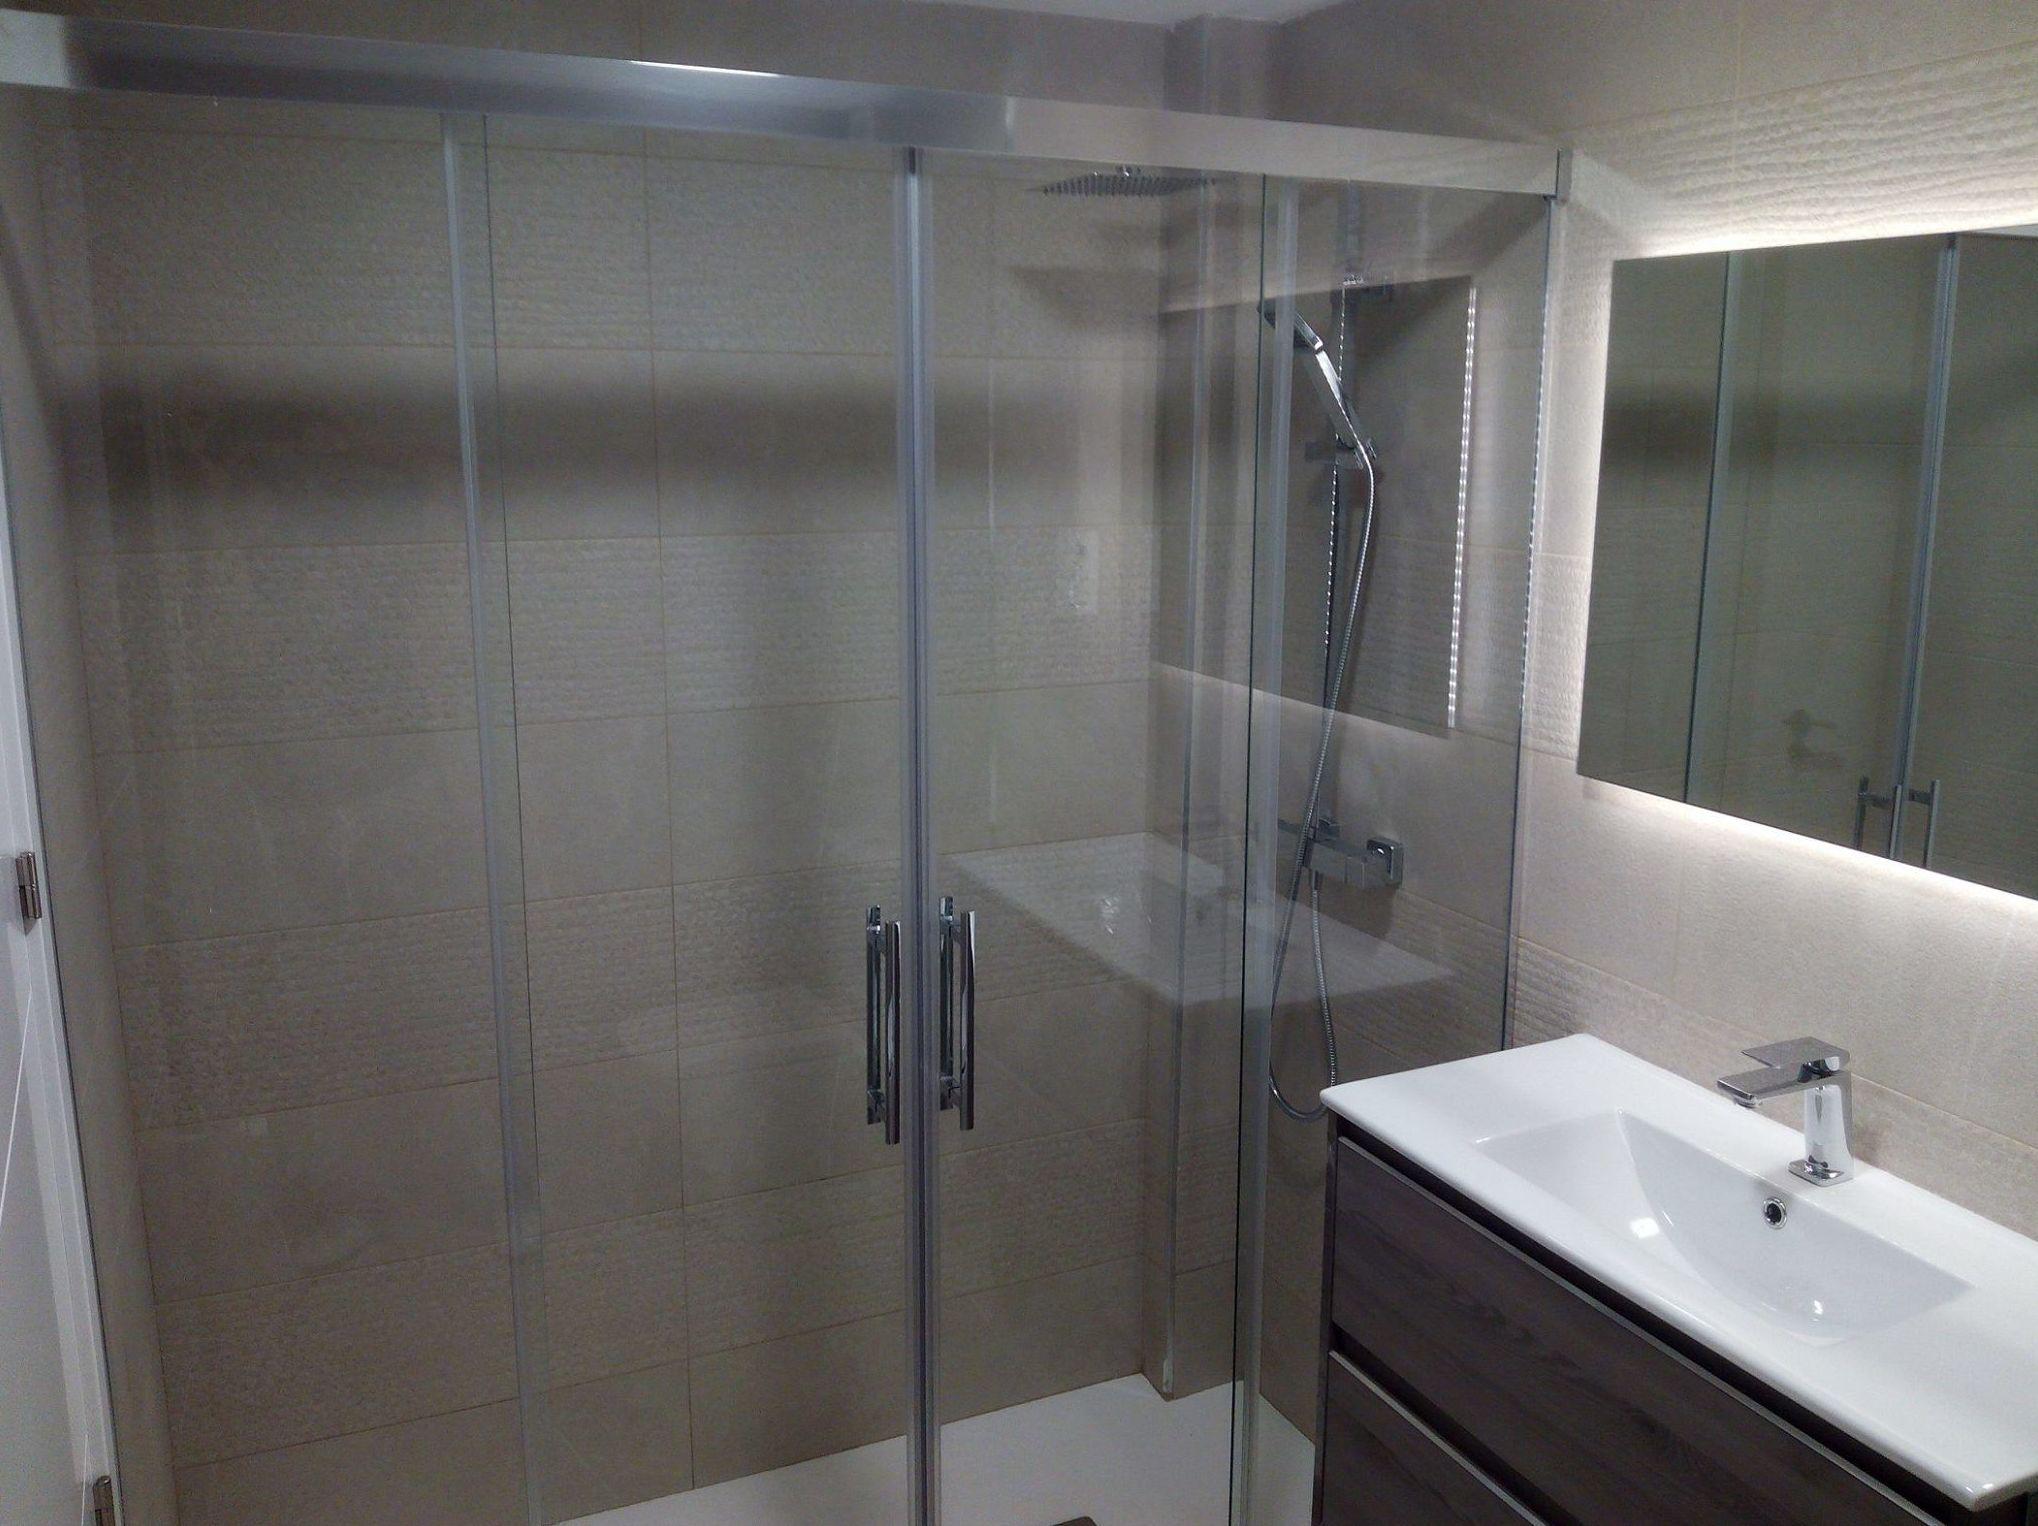 Foto 36 de Reformas en baños y cocinas en Trobajo del Camino | F. Alba, cocinas y baños